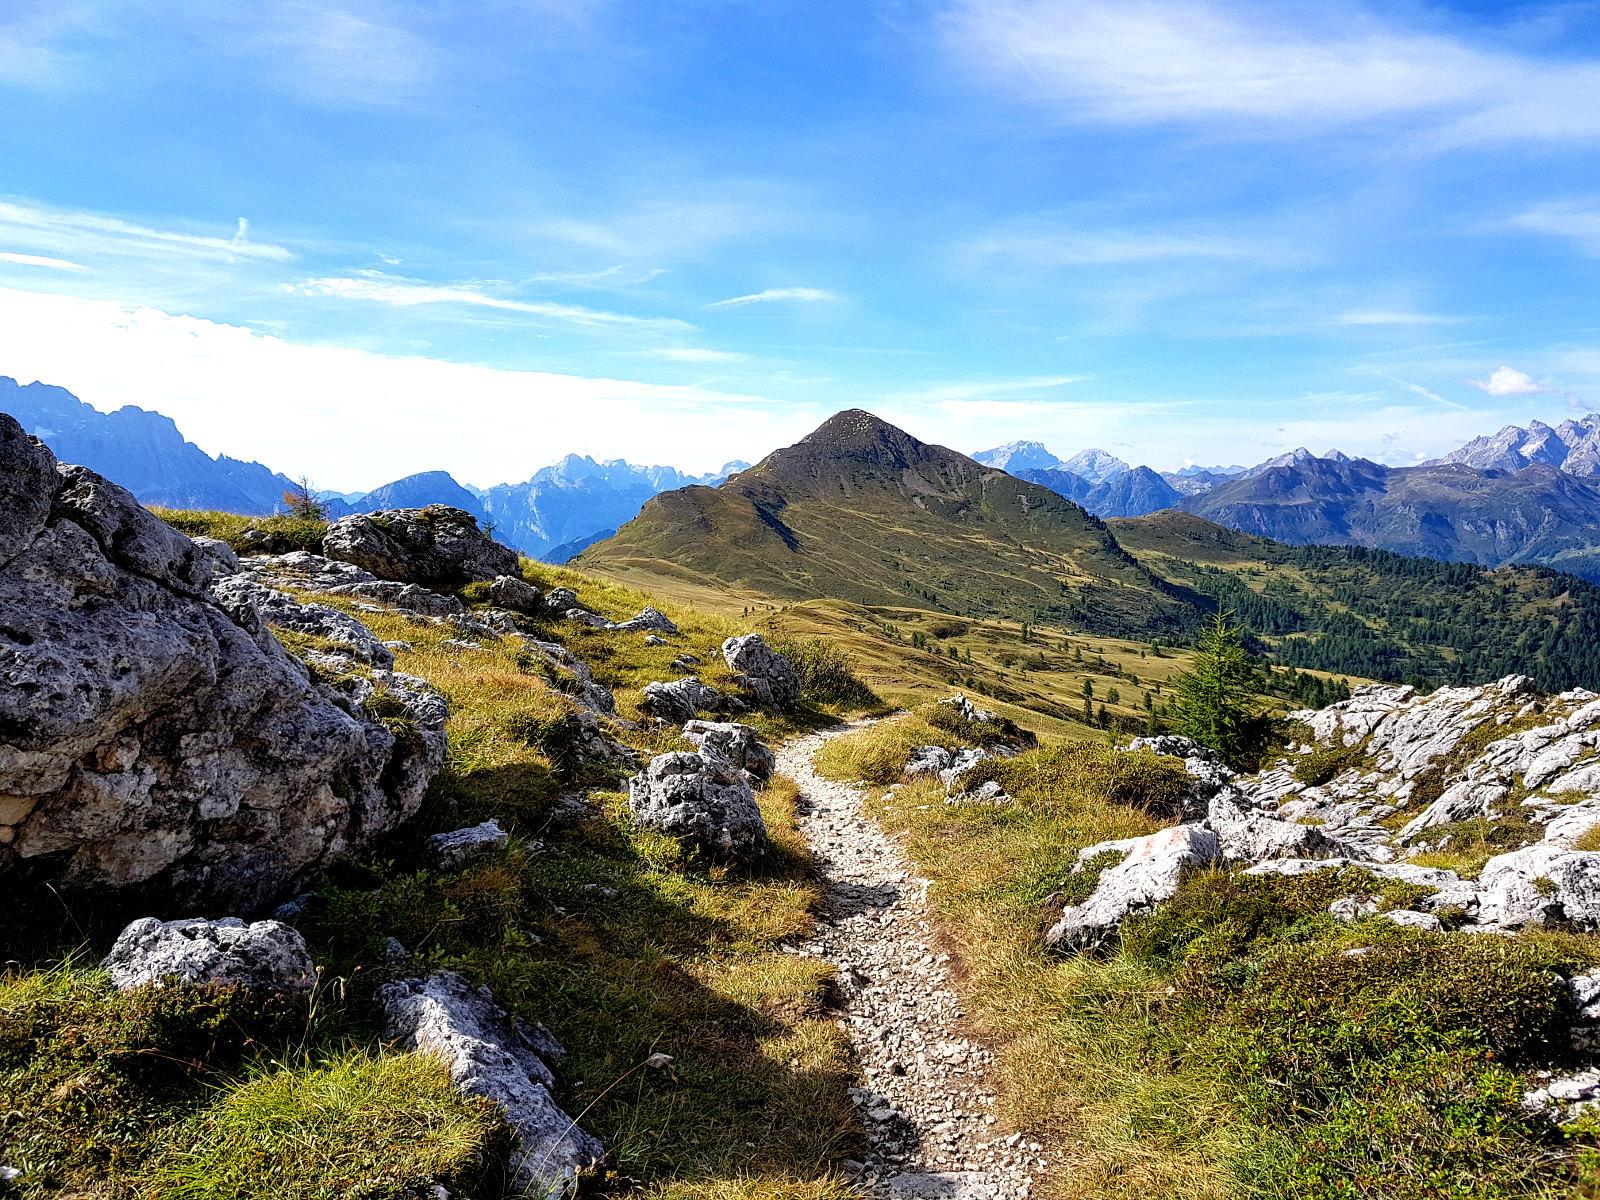 schmale Pfade im Trailcamp Dolomiten